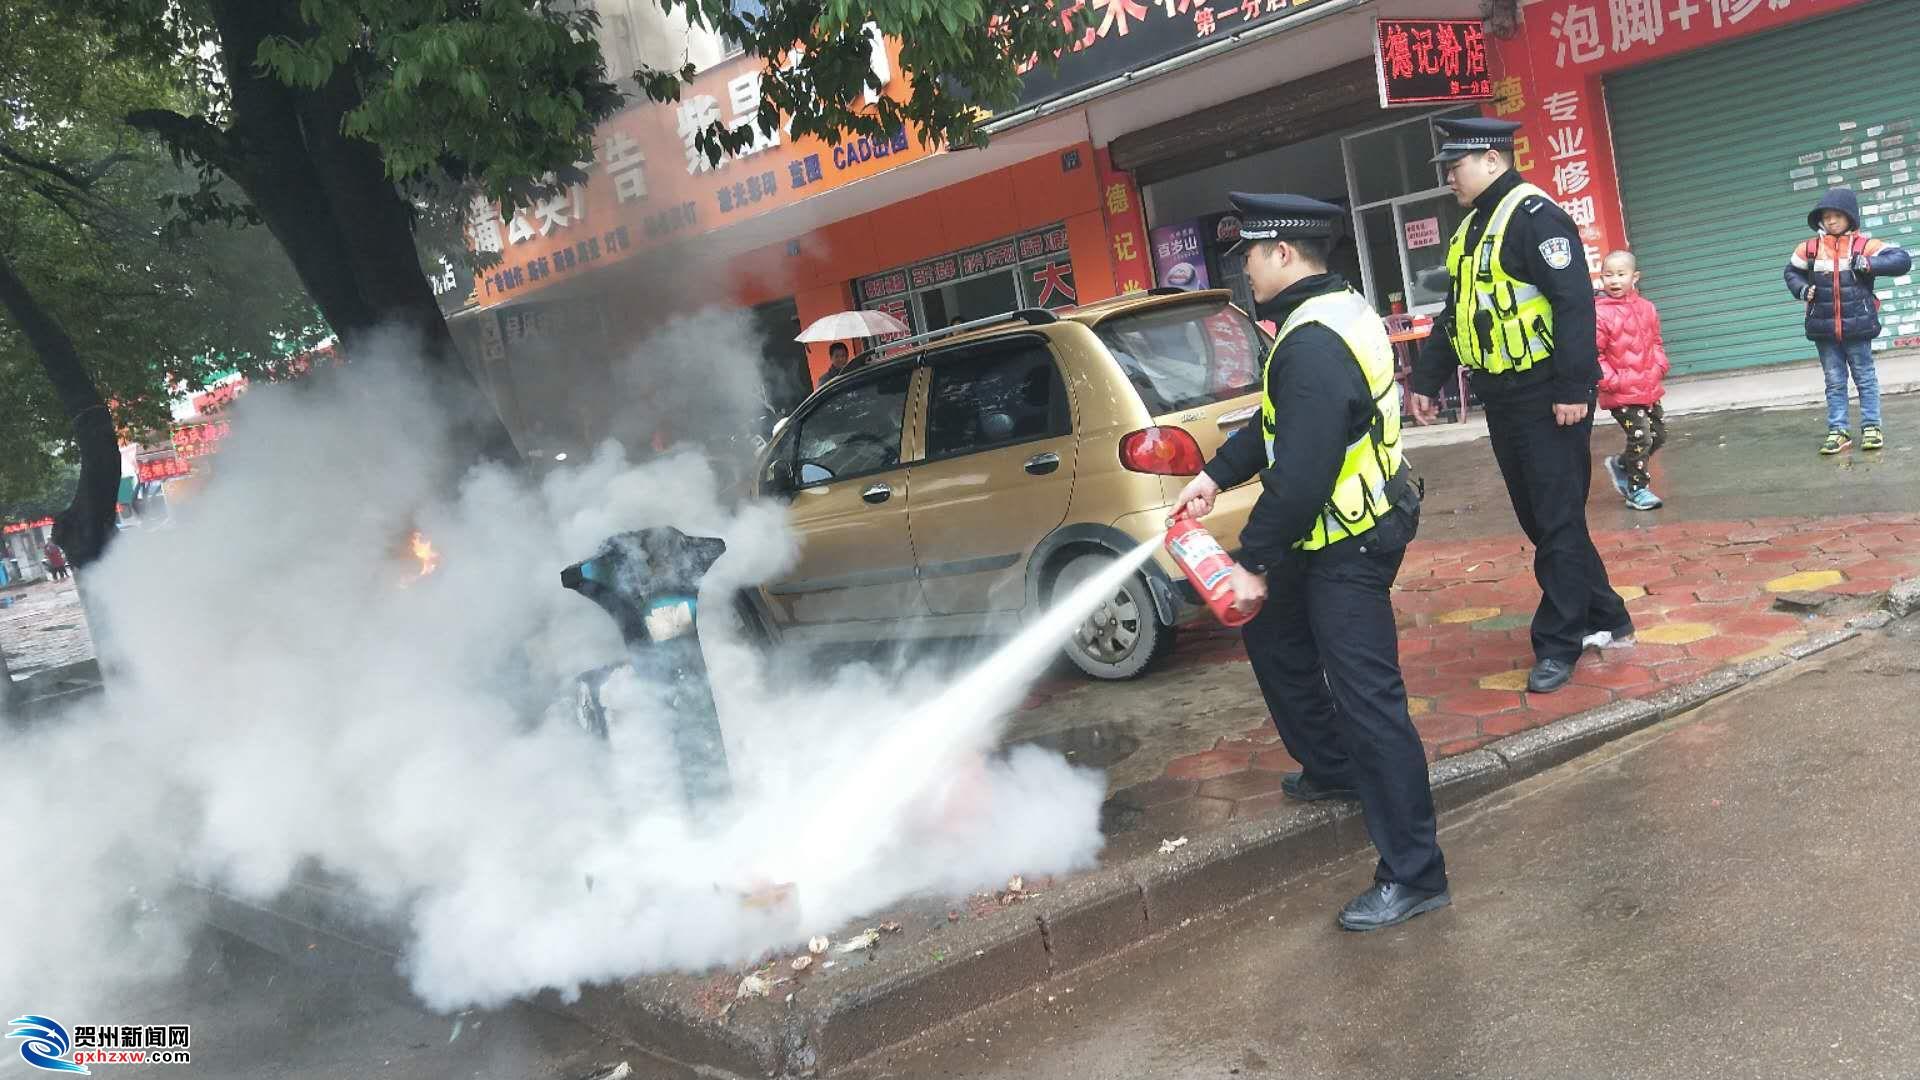 贺州路边一垃圾桶起火!疑似乱扔煤球所致